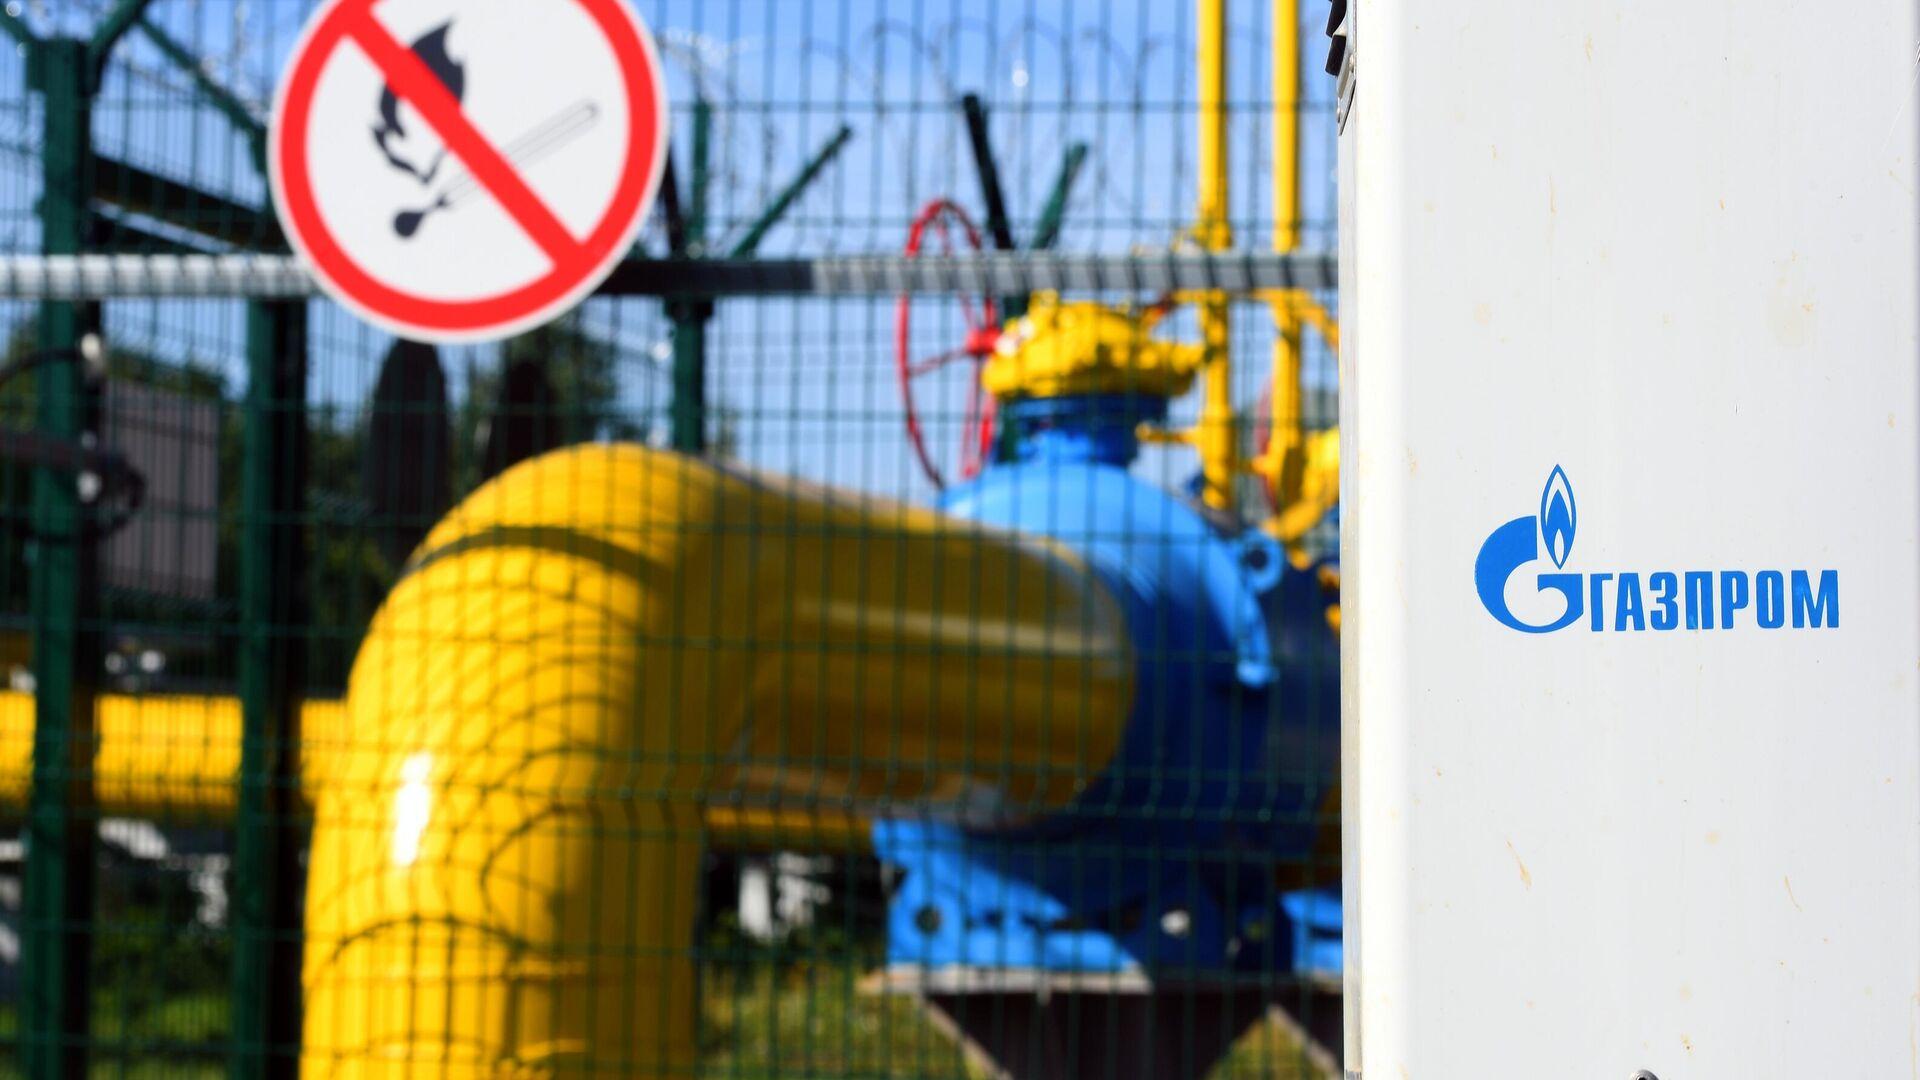 Газопровод высокого давления от ГРС №2 Елабуга Центральная - ПАО Нижнекамскнефтехим - РИА Новости, 1920, 08.03.2021